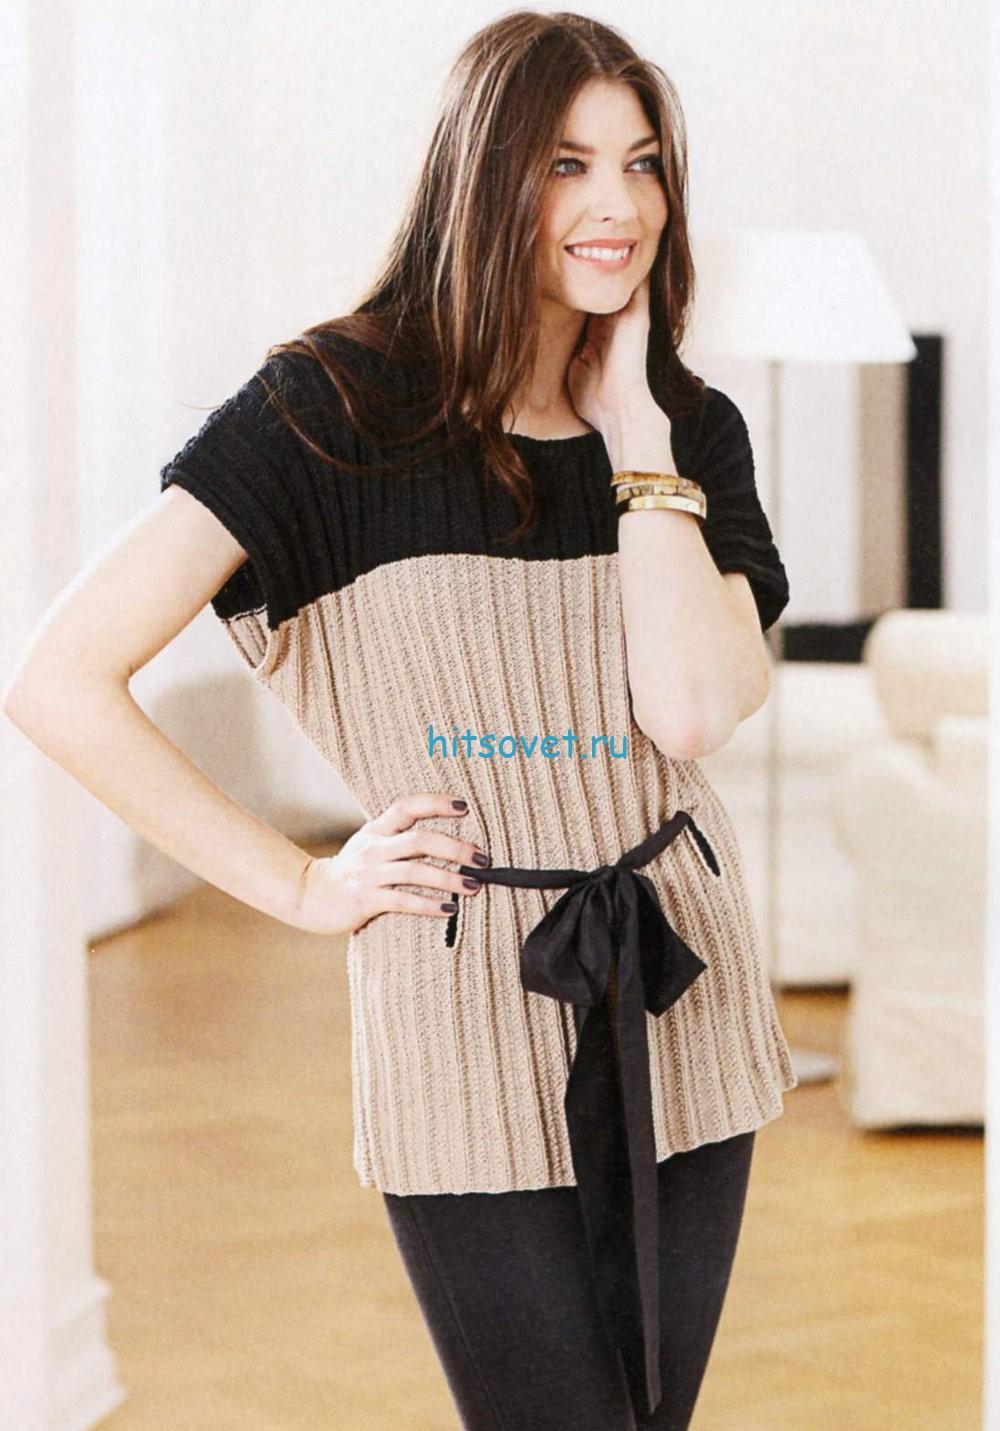 Вязание свободной туники с поясом, фото.